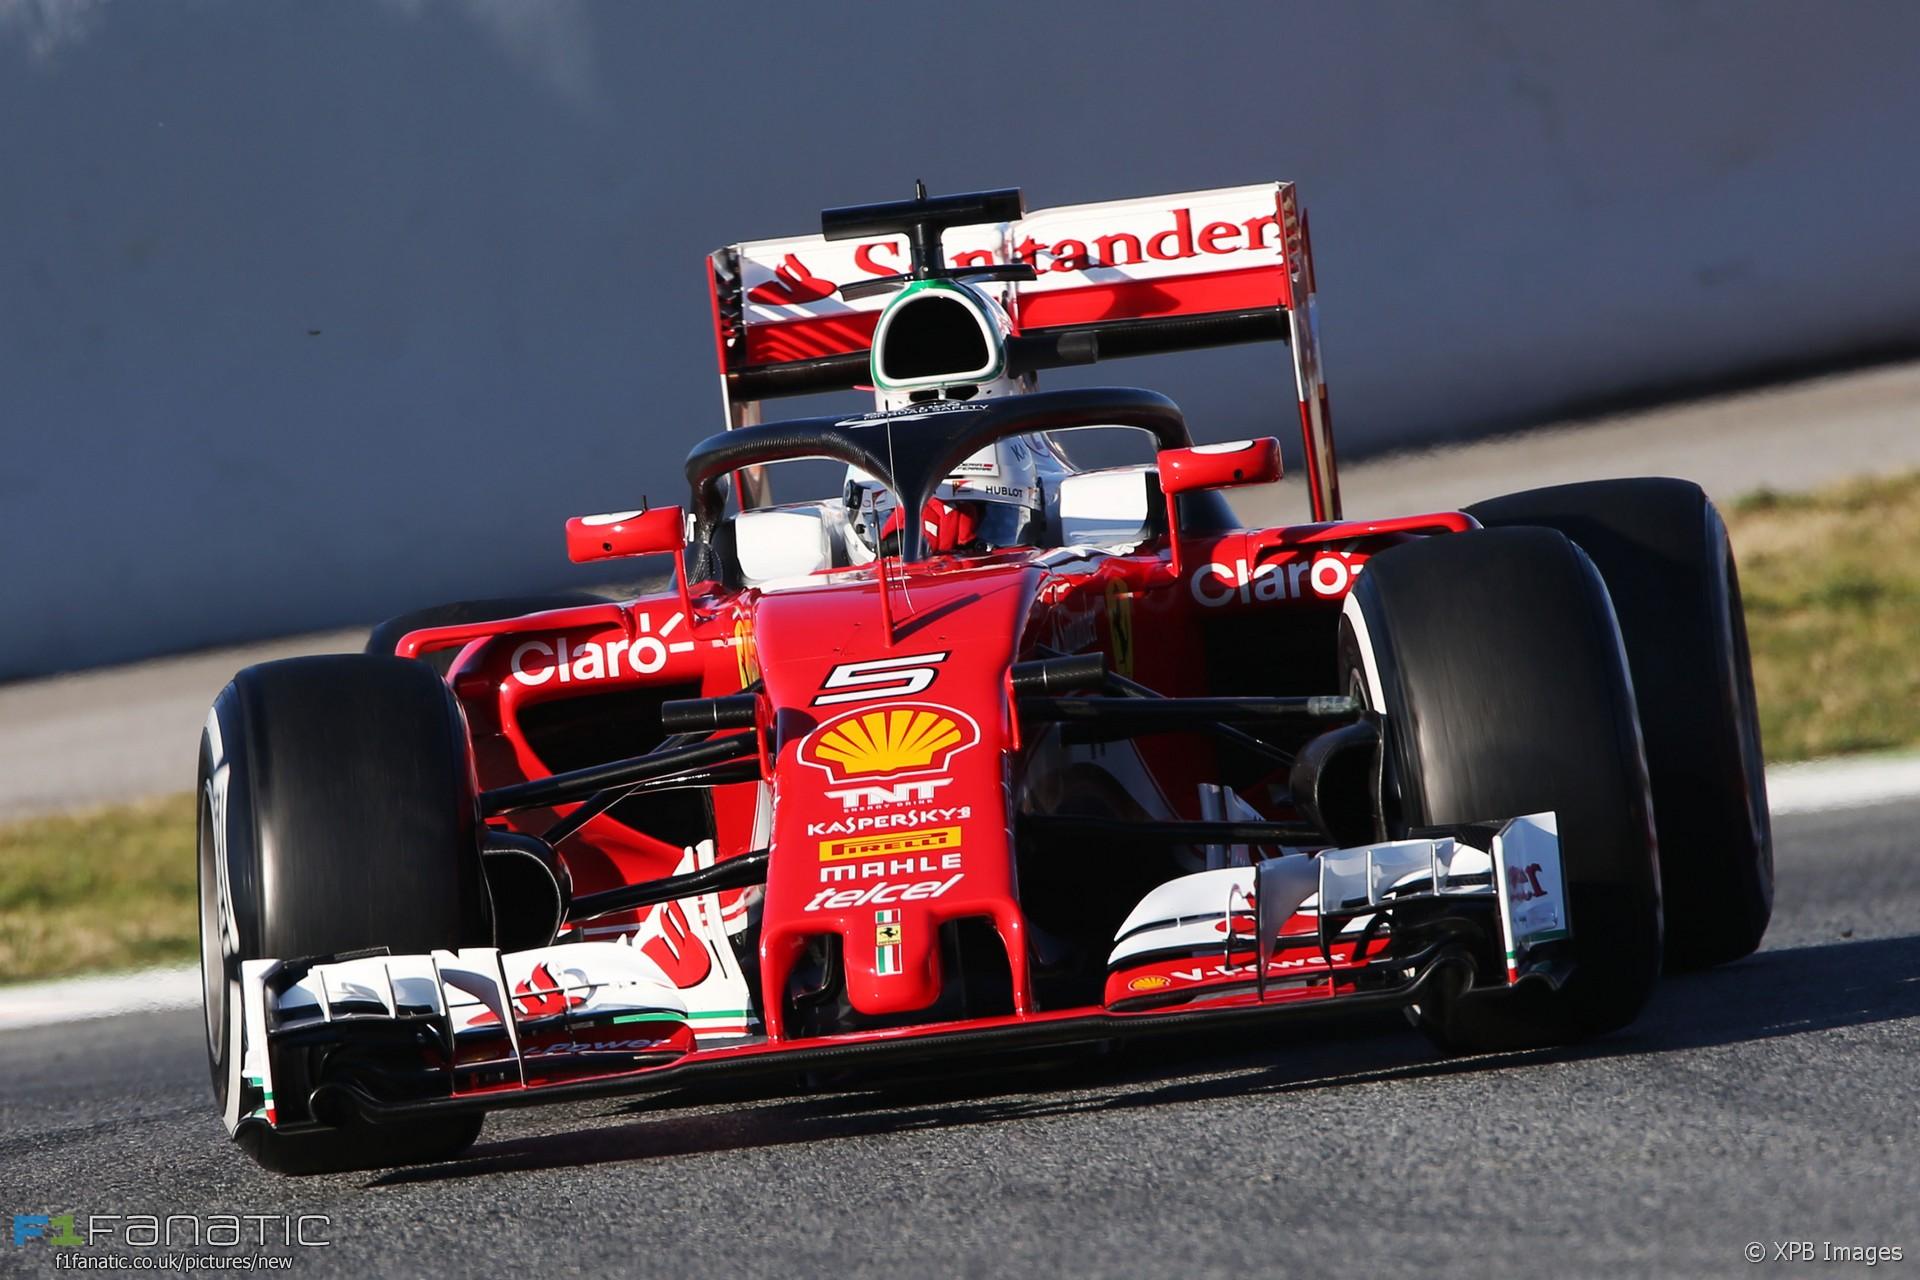 Oooo Car Wallpaper Sebastian Vettel Ferrari Circuit De Catalunya 2016 183 F1